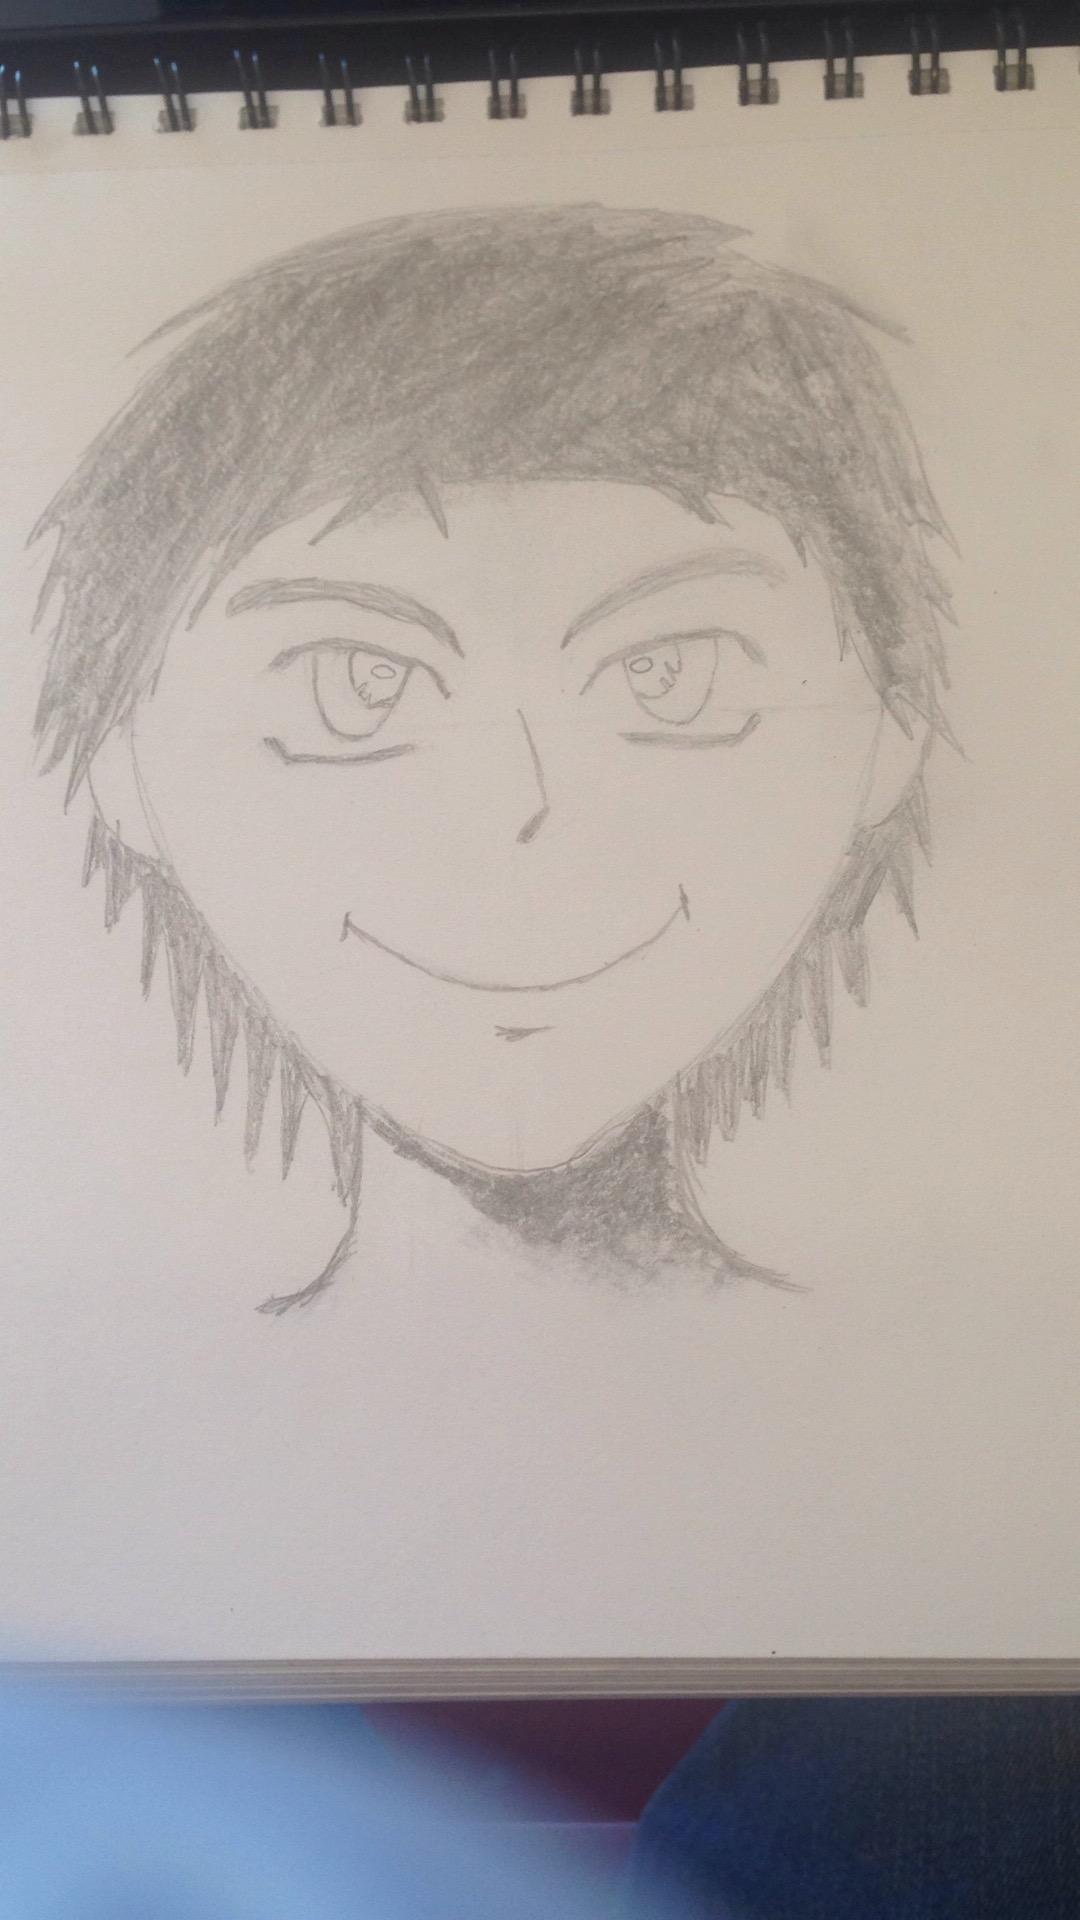 Sketch (Pencil)